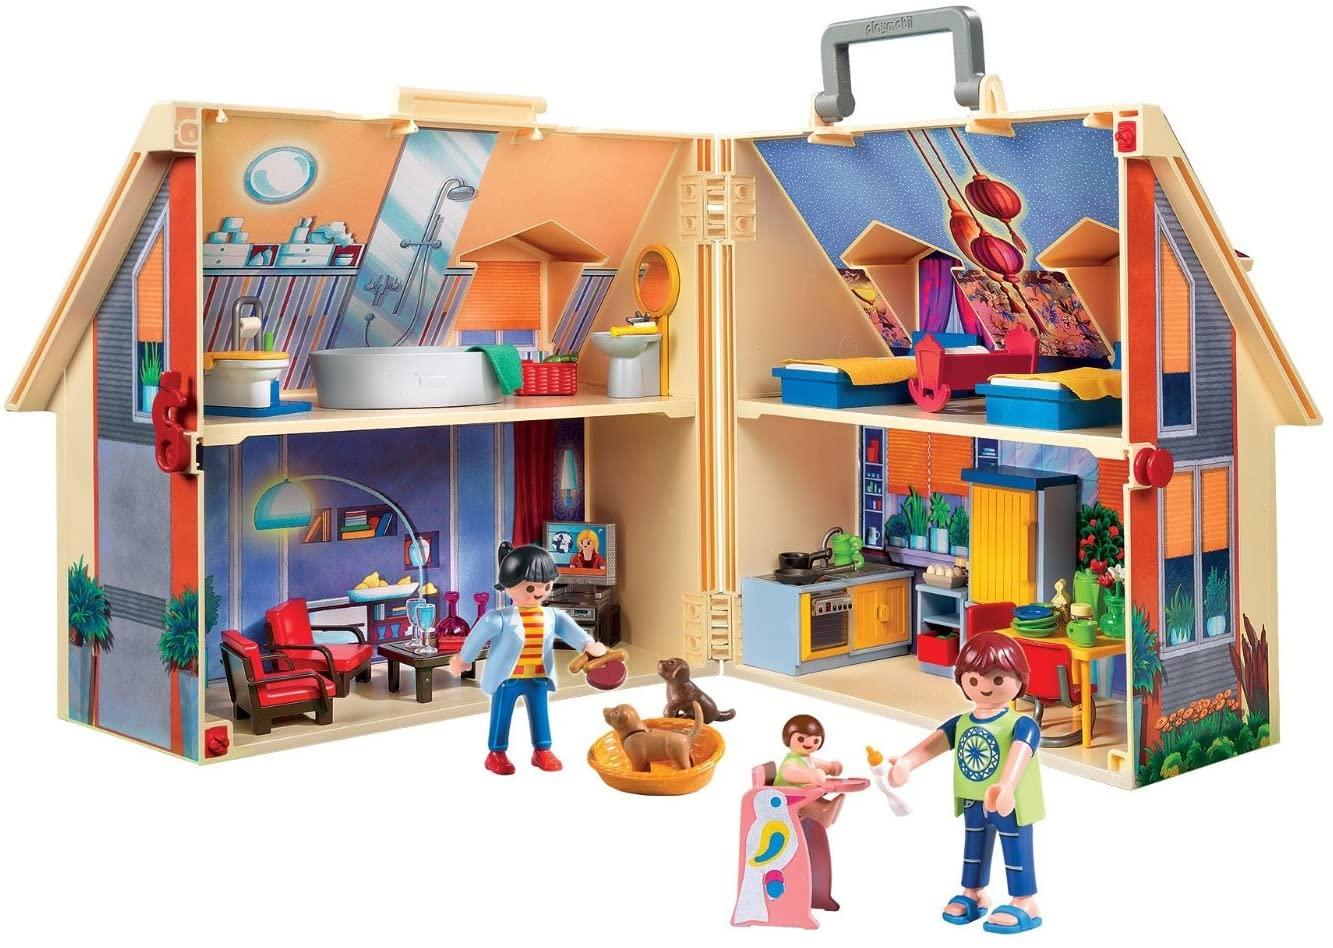 La maison transportable Playmobil 5167 possède une poignée pour suivre votre enfant partout où il va.